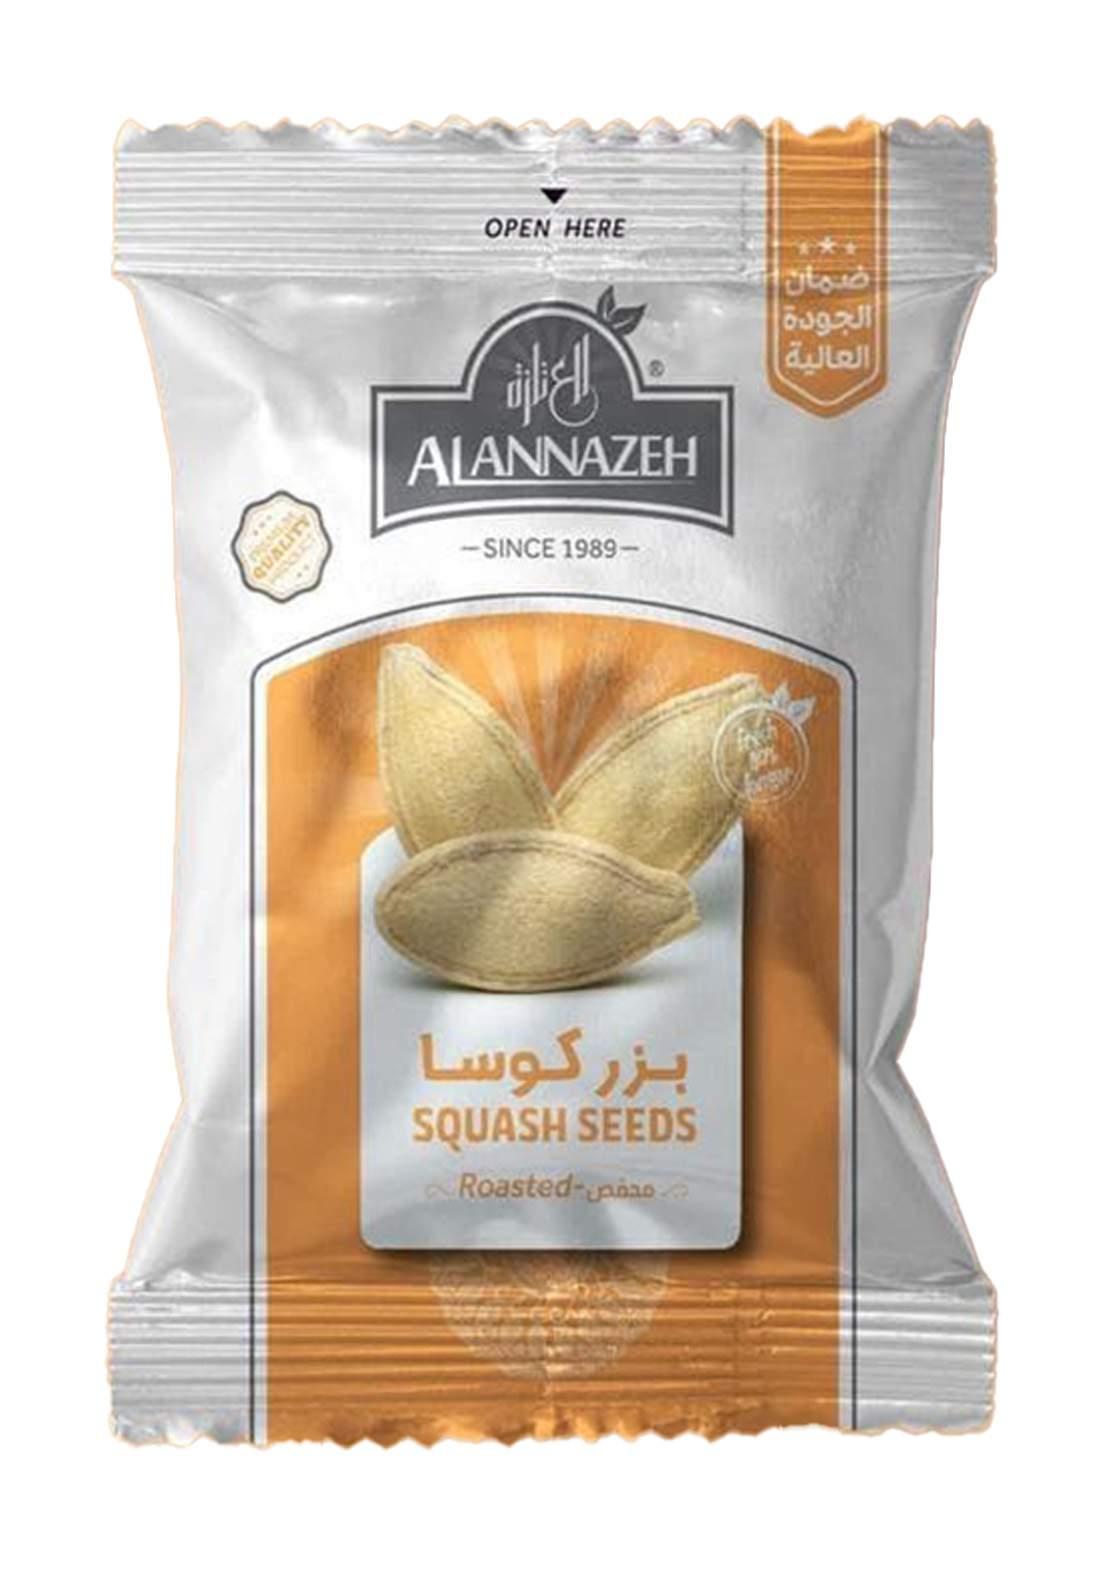 Al-Annazeh Zucchini Seeds Nuts 90g بزر كوسا